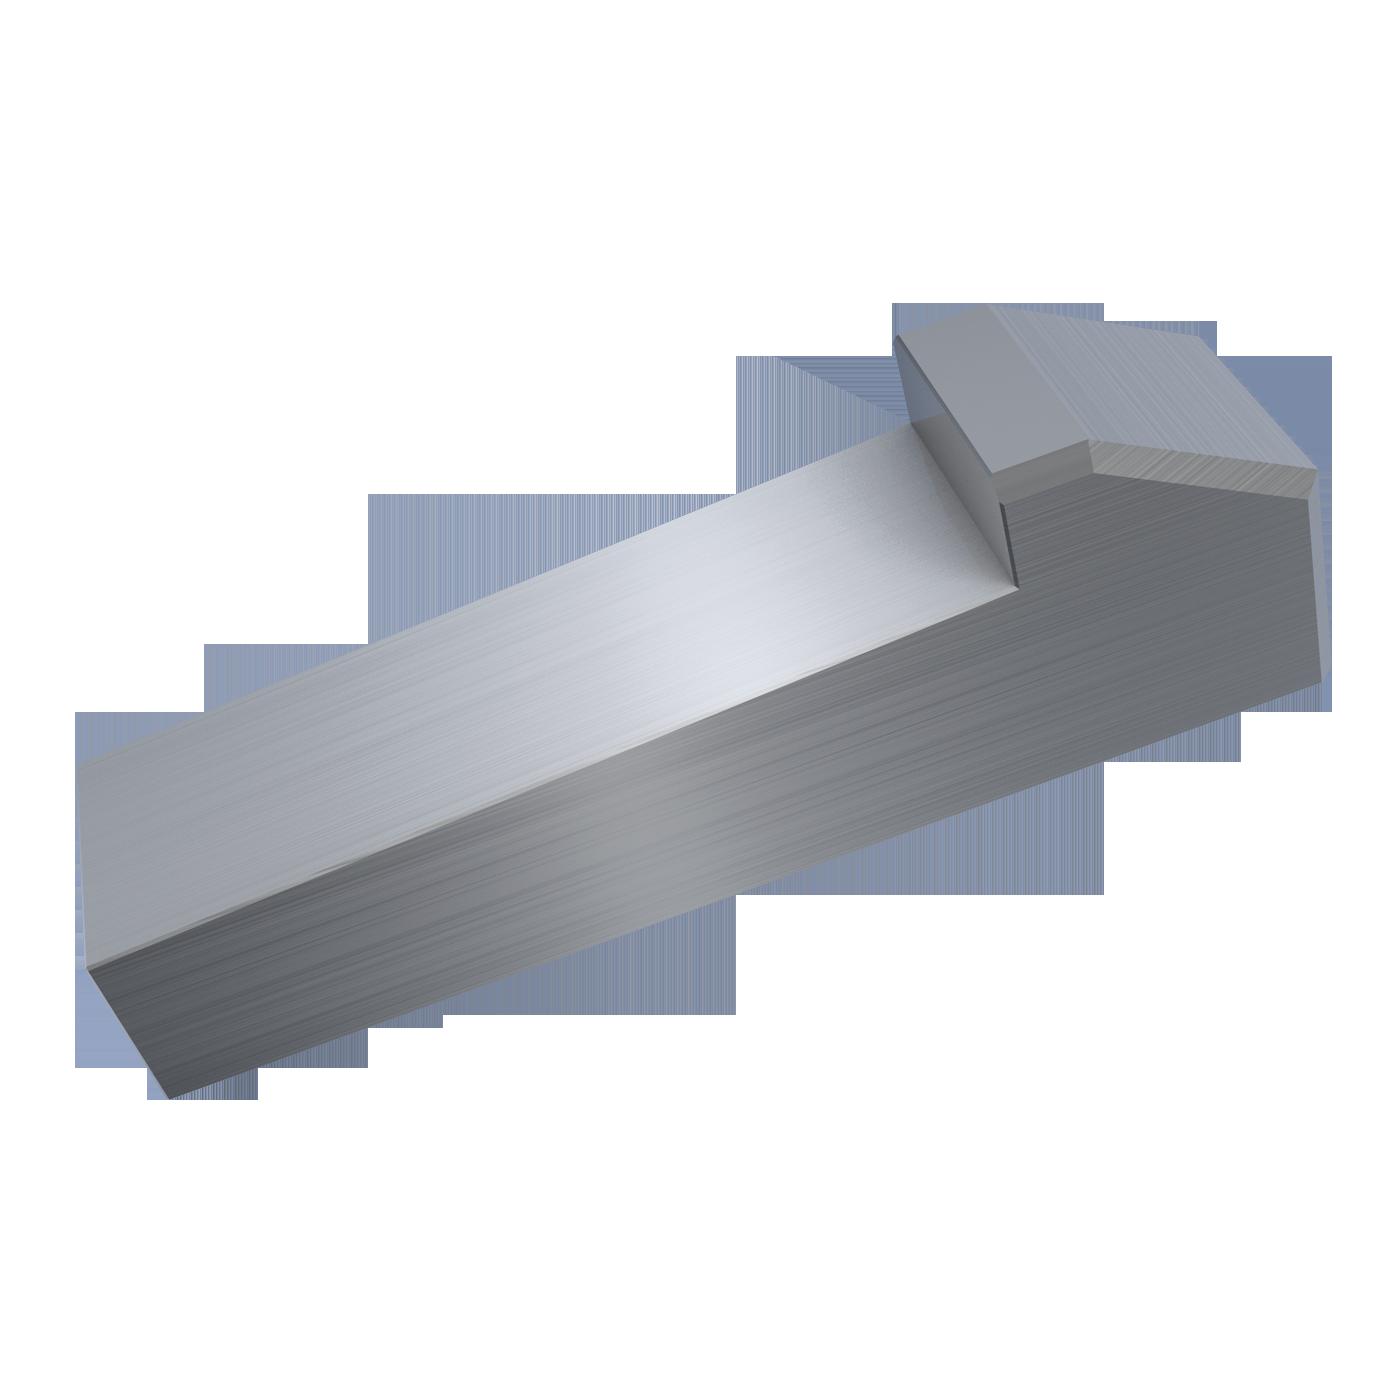 Nasenkeil, Nasenkeile von mbo Oßwald, nach DIN 6887. mbo Oßwald bietet diese Maschinenelemente in Werkstoff Stahl und Edelstahl an.